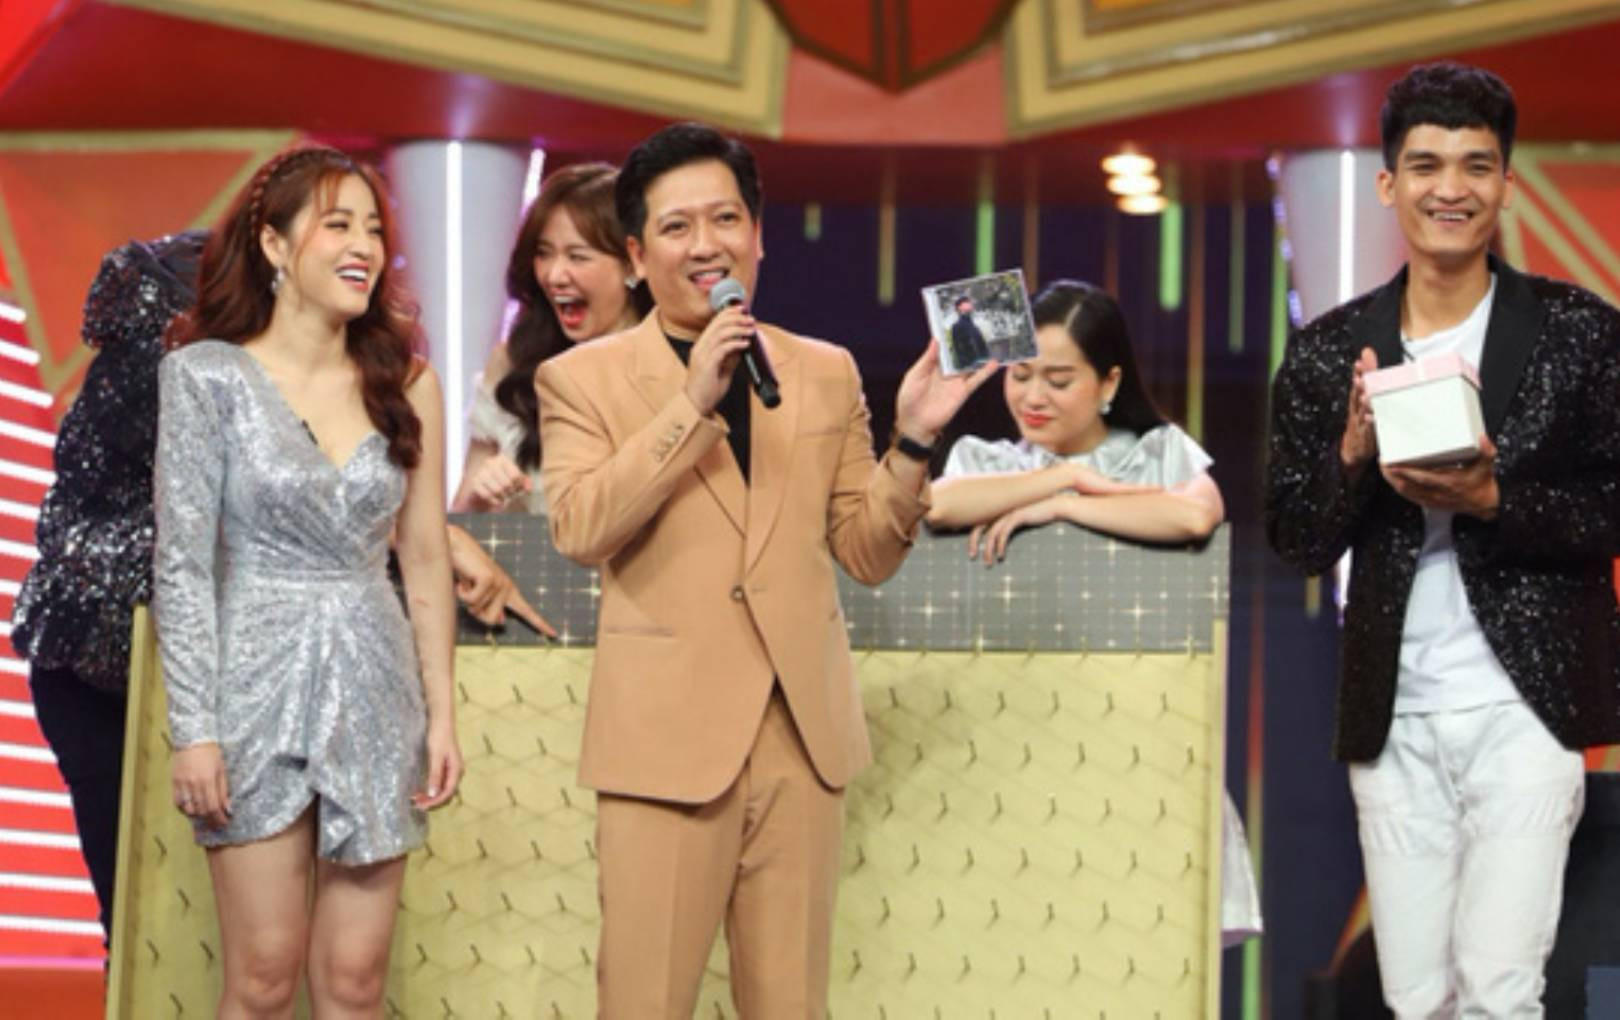 Puka để lộ bằng chứng tình cảm với Gin Tuấn Kiệt trên sóng truyền hình